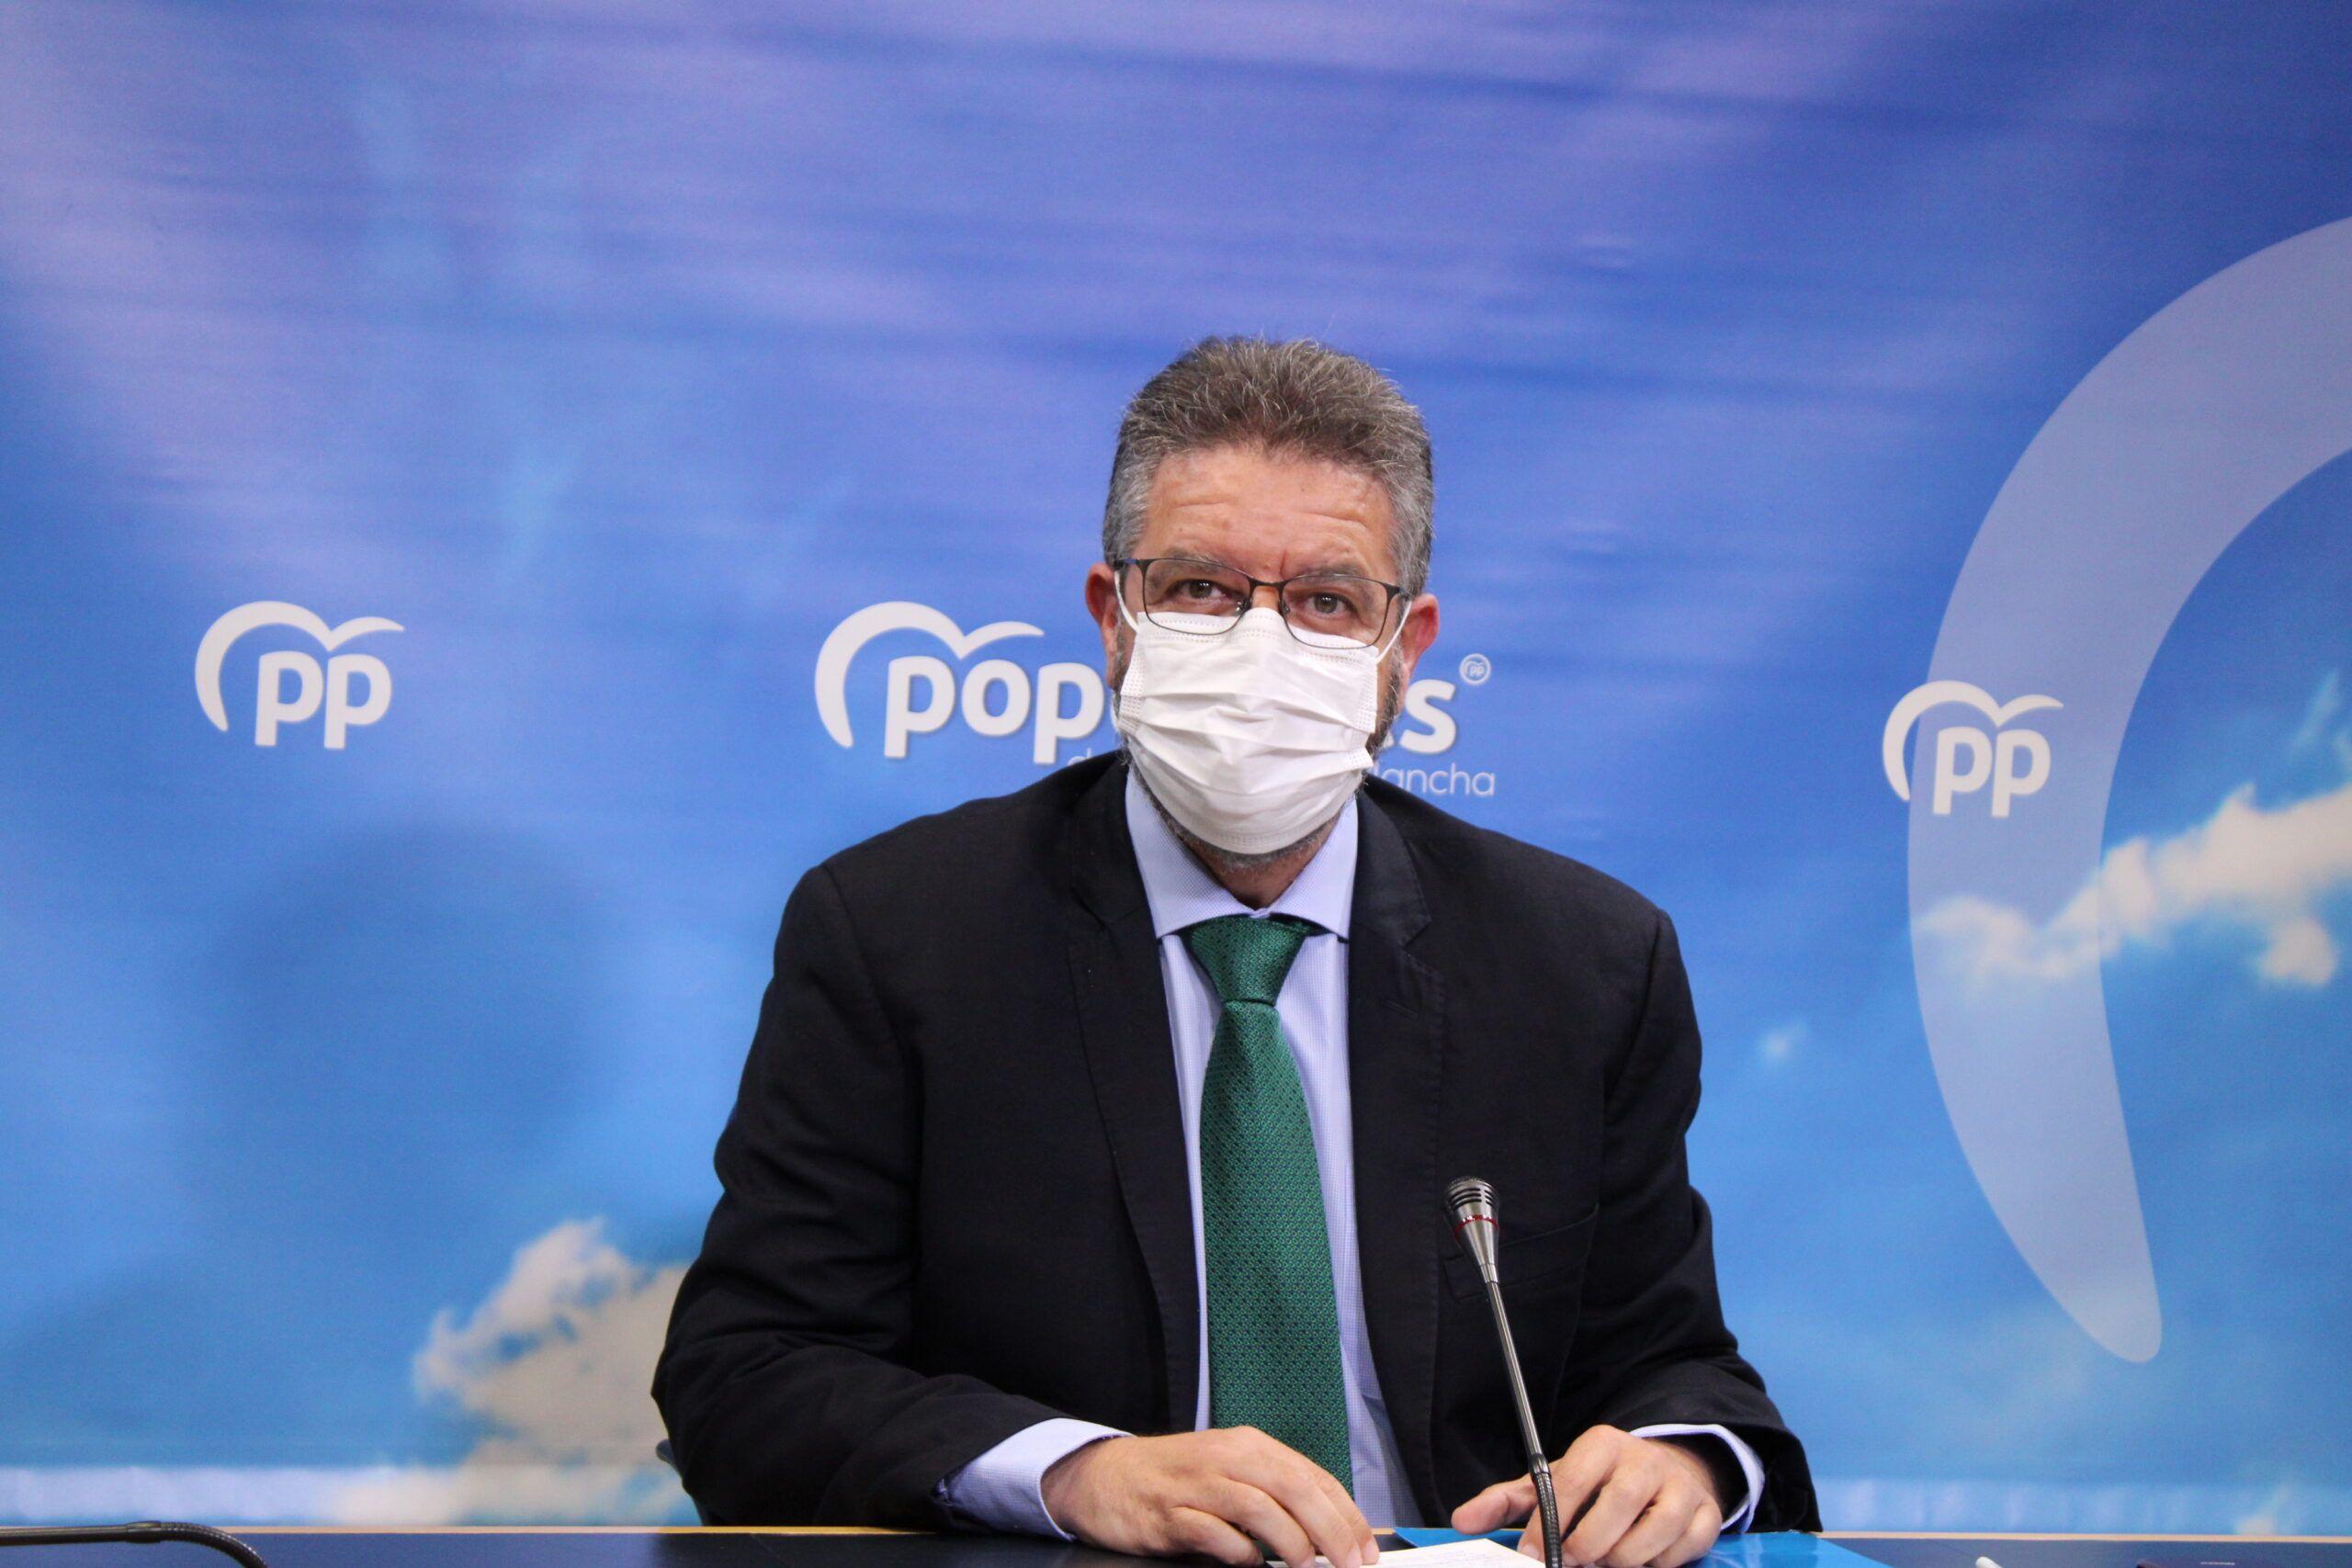 """Moreno señala que Page ha sacado a relucir su verdadera cara: """"Ha sido el peor gestor político en materia sanitaria de toda España por su incapacidad, su arrogancia y sus continuas faltas de respeto"""""""